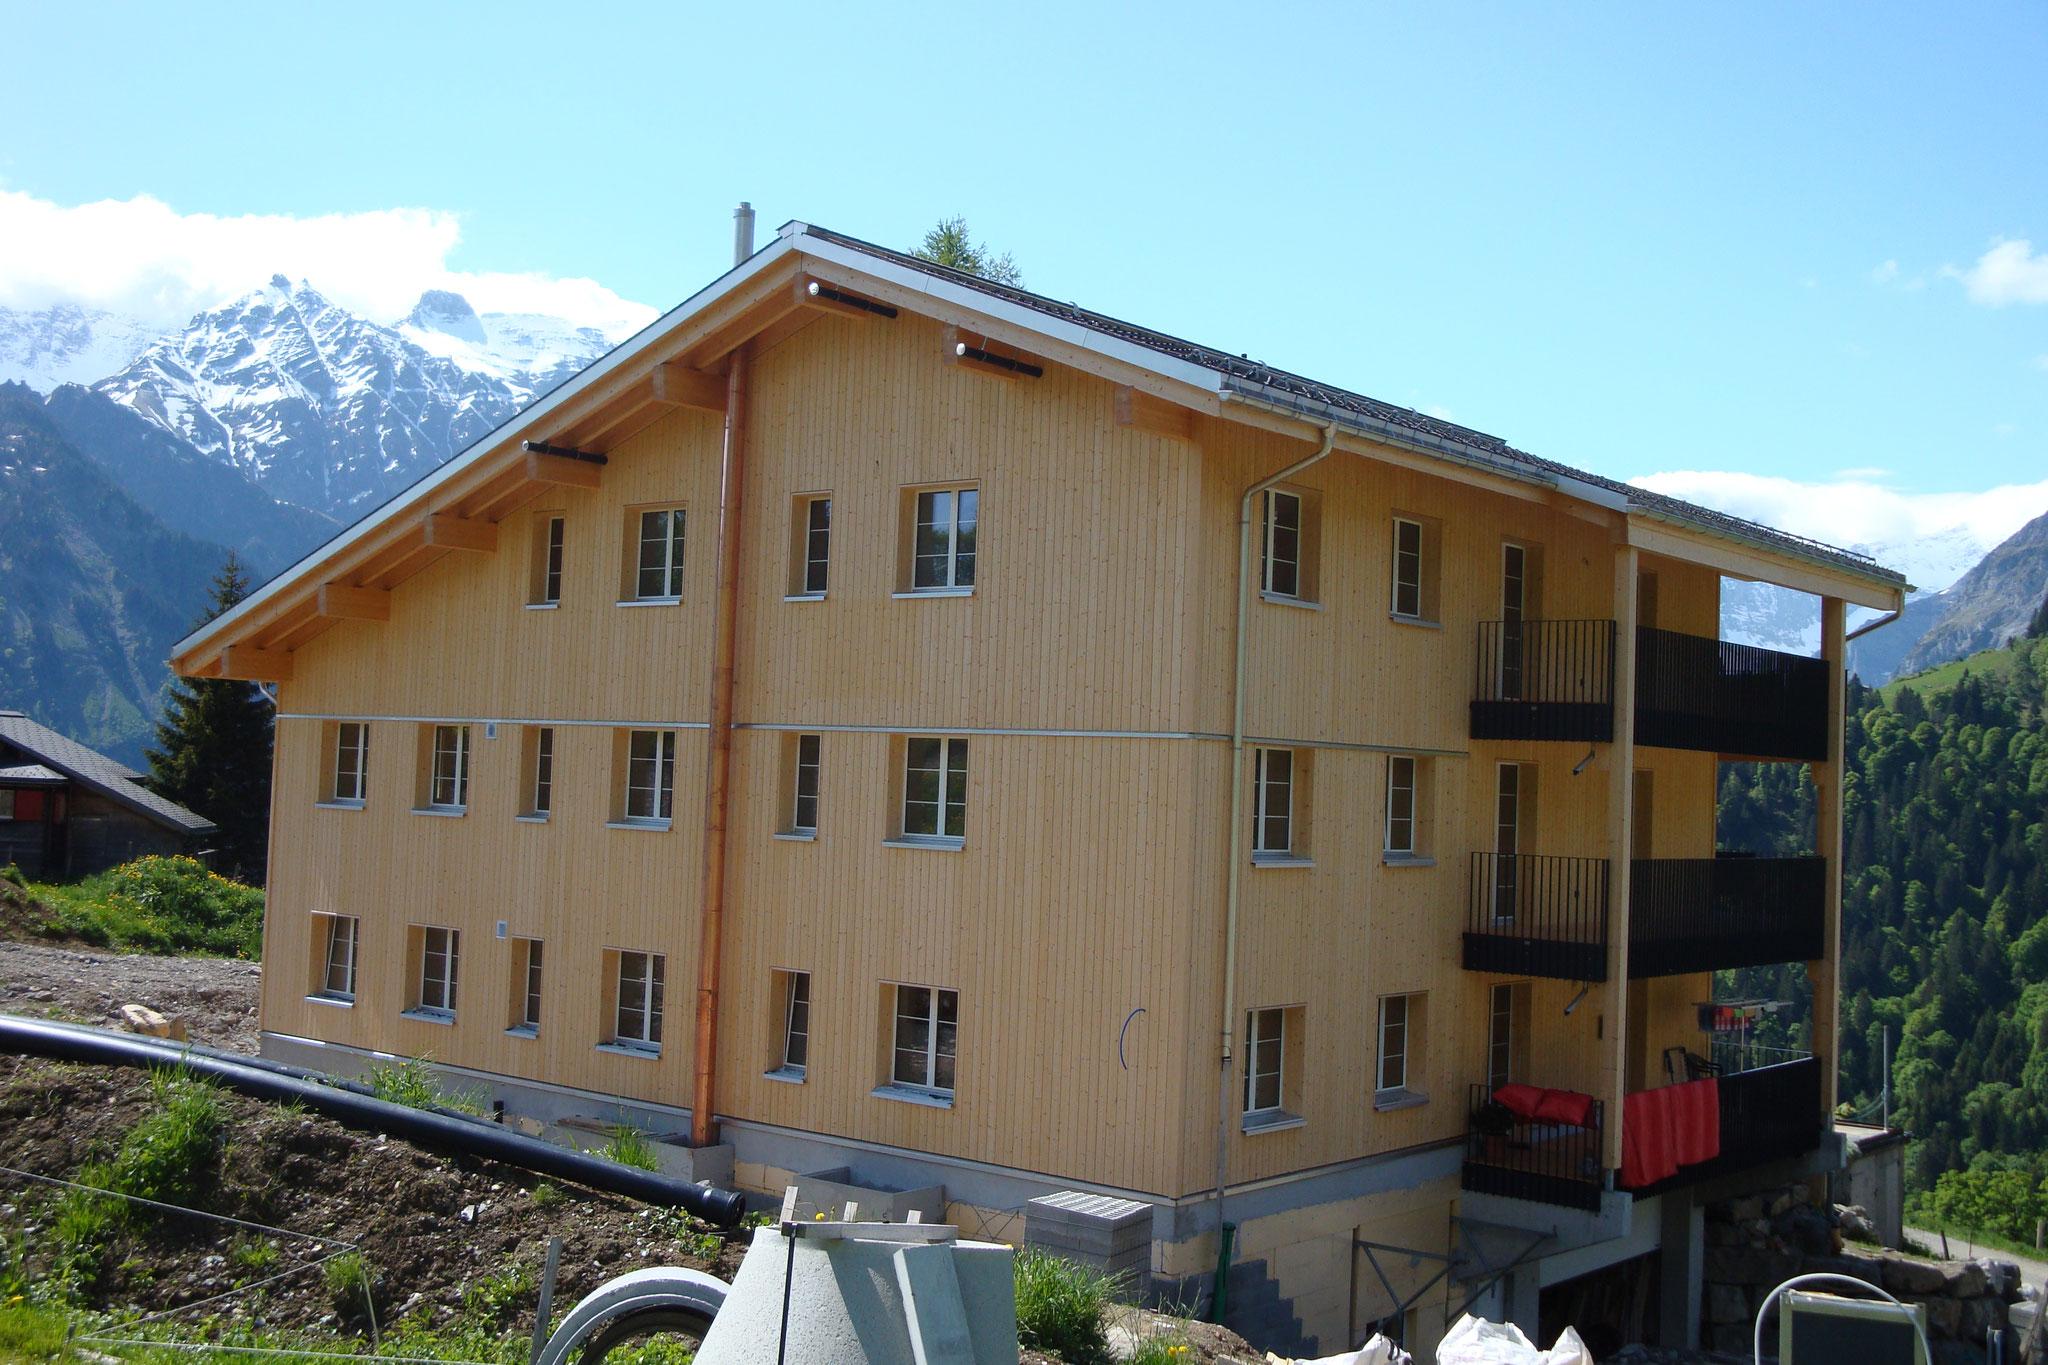 Wiederaufbau Mehrfamilienhaus, Braunwald